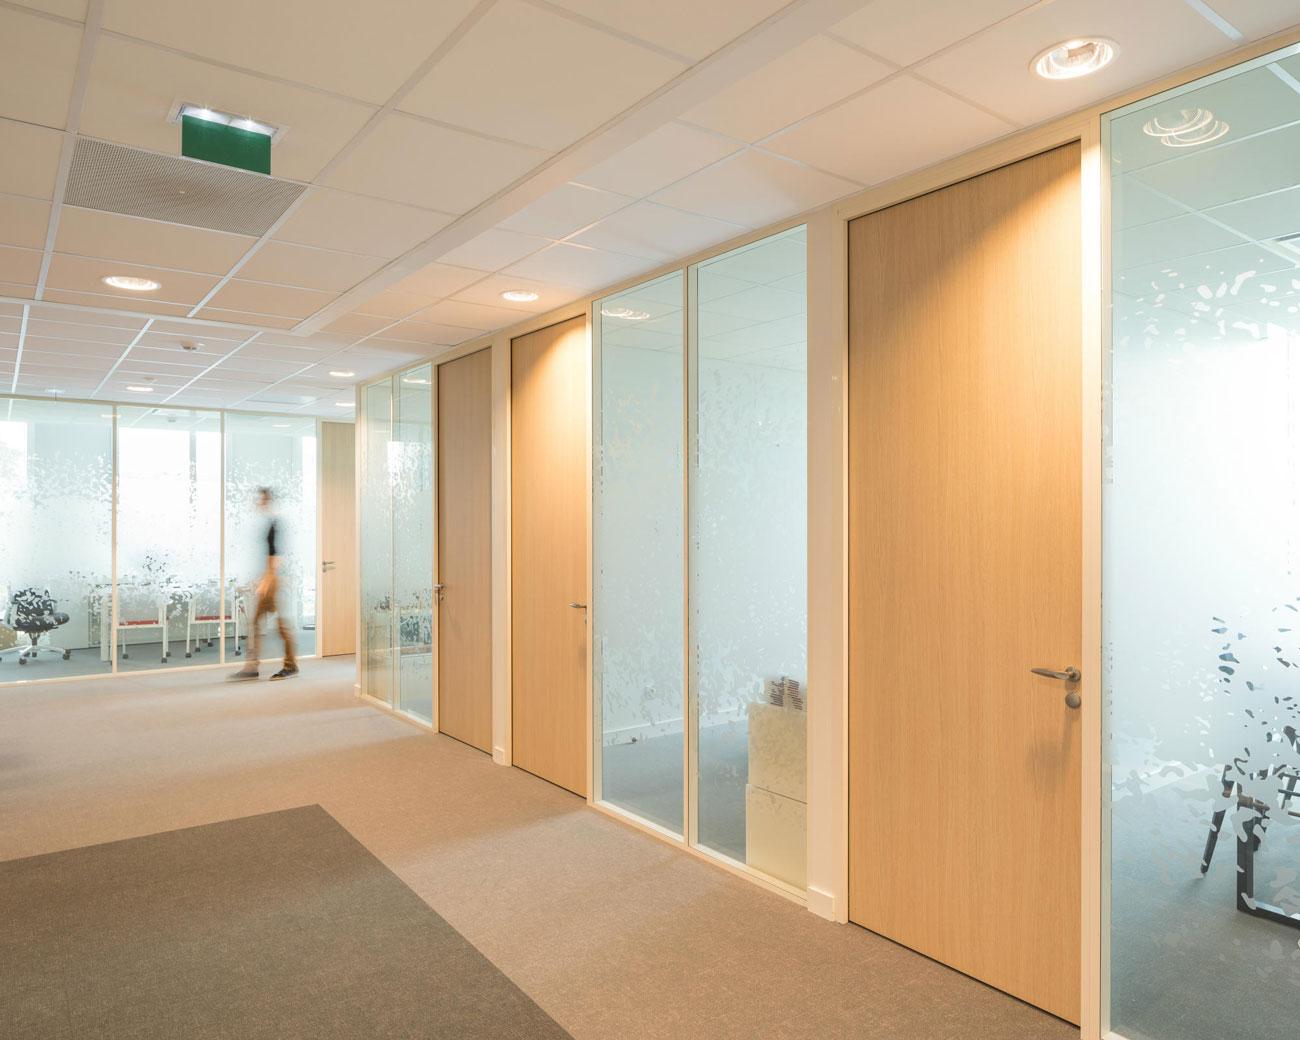 Langlois Sobreti Nantes Amenagement Bancaire Cloison Modulaire Cepbl 44 Couloir Plafonds Bloc Porte